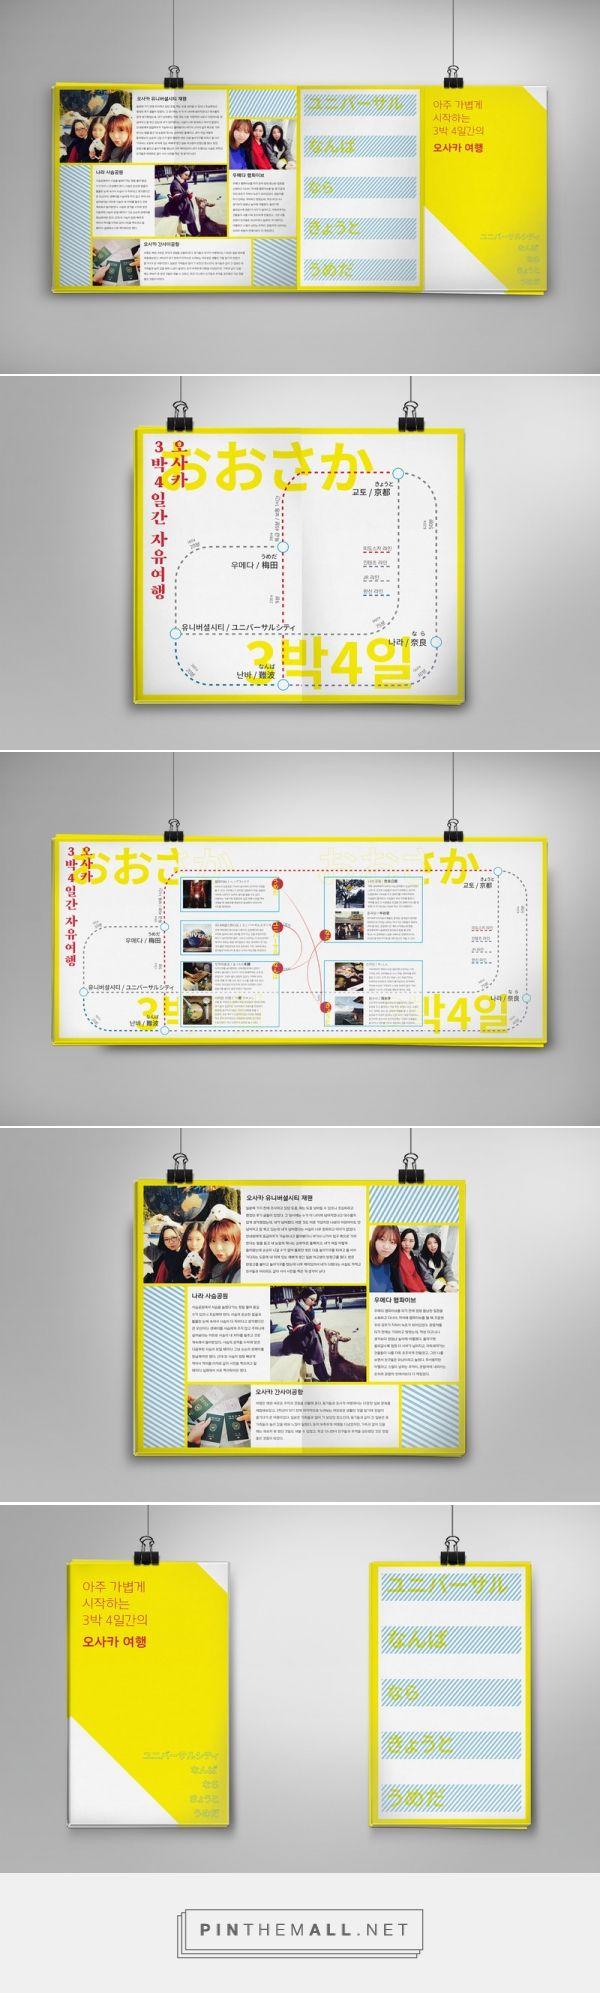 오사카 3박4일여행 leaflet - 디지털 아트, 브랜딩/편집 - created via http://pinthemall.net